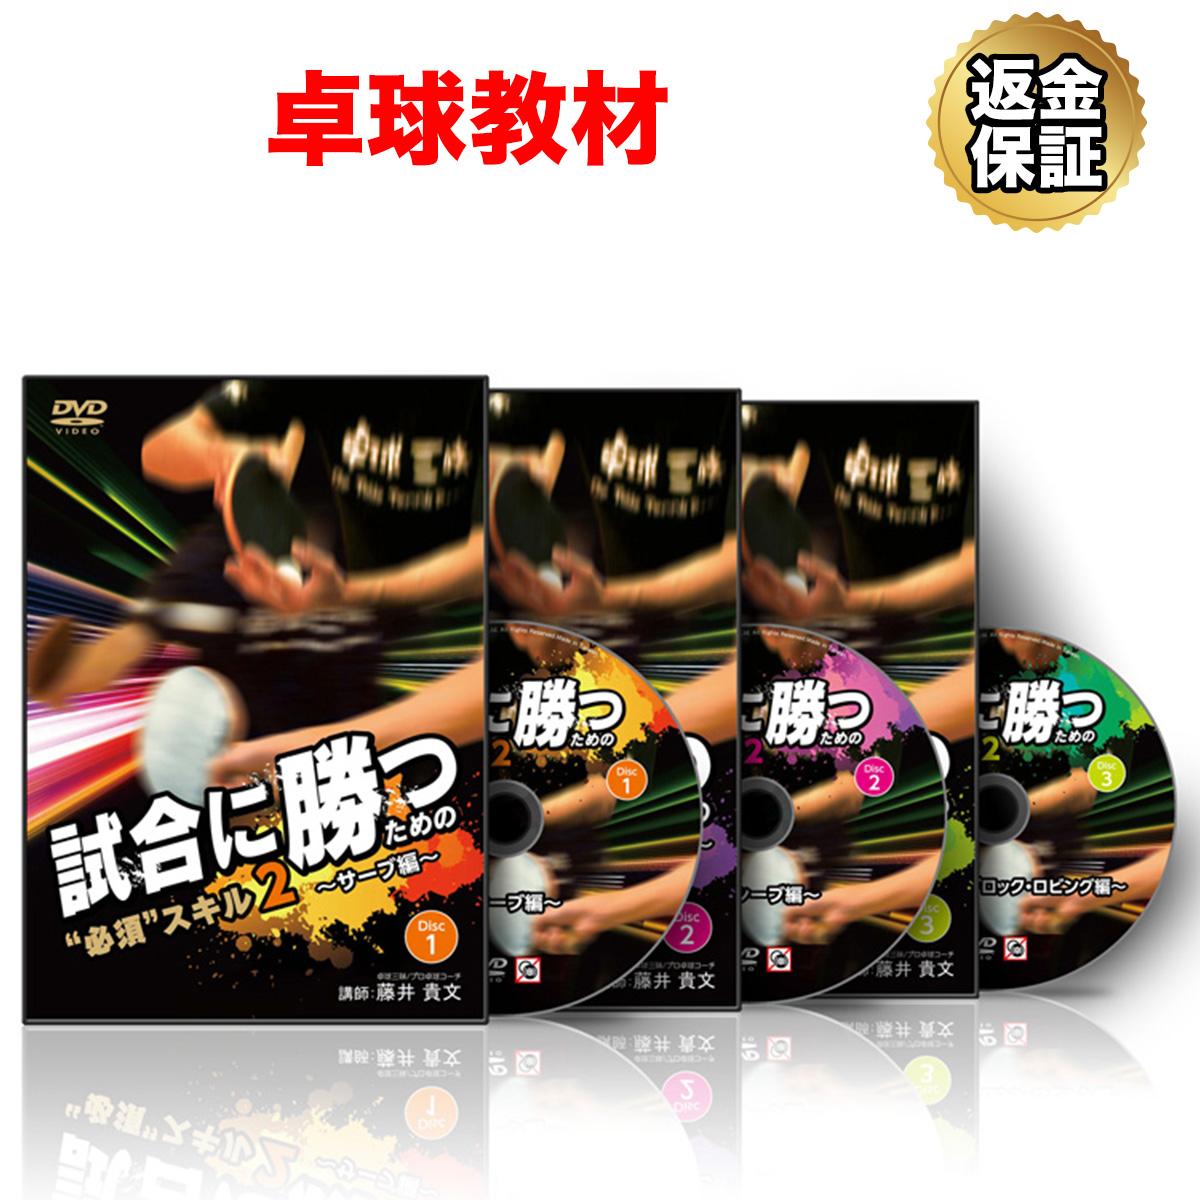 【卓球】試合に勝つための必須スキル2~サーブ・レシーブ・カウンター・ブロック・ロビング編~